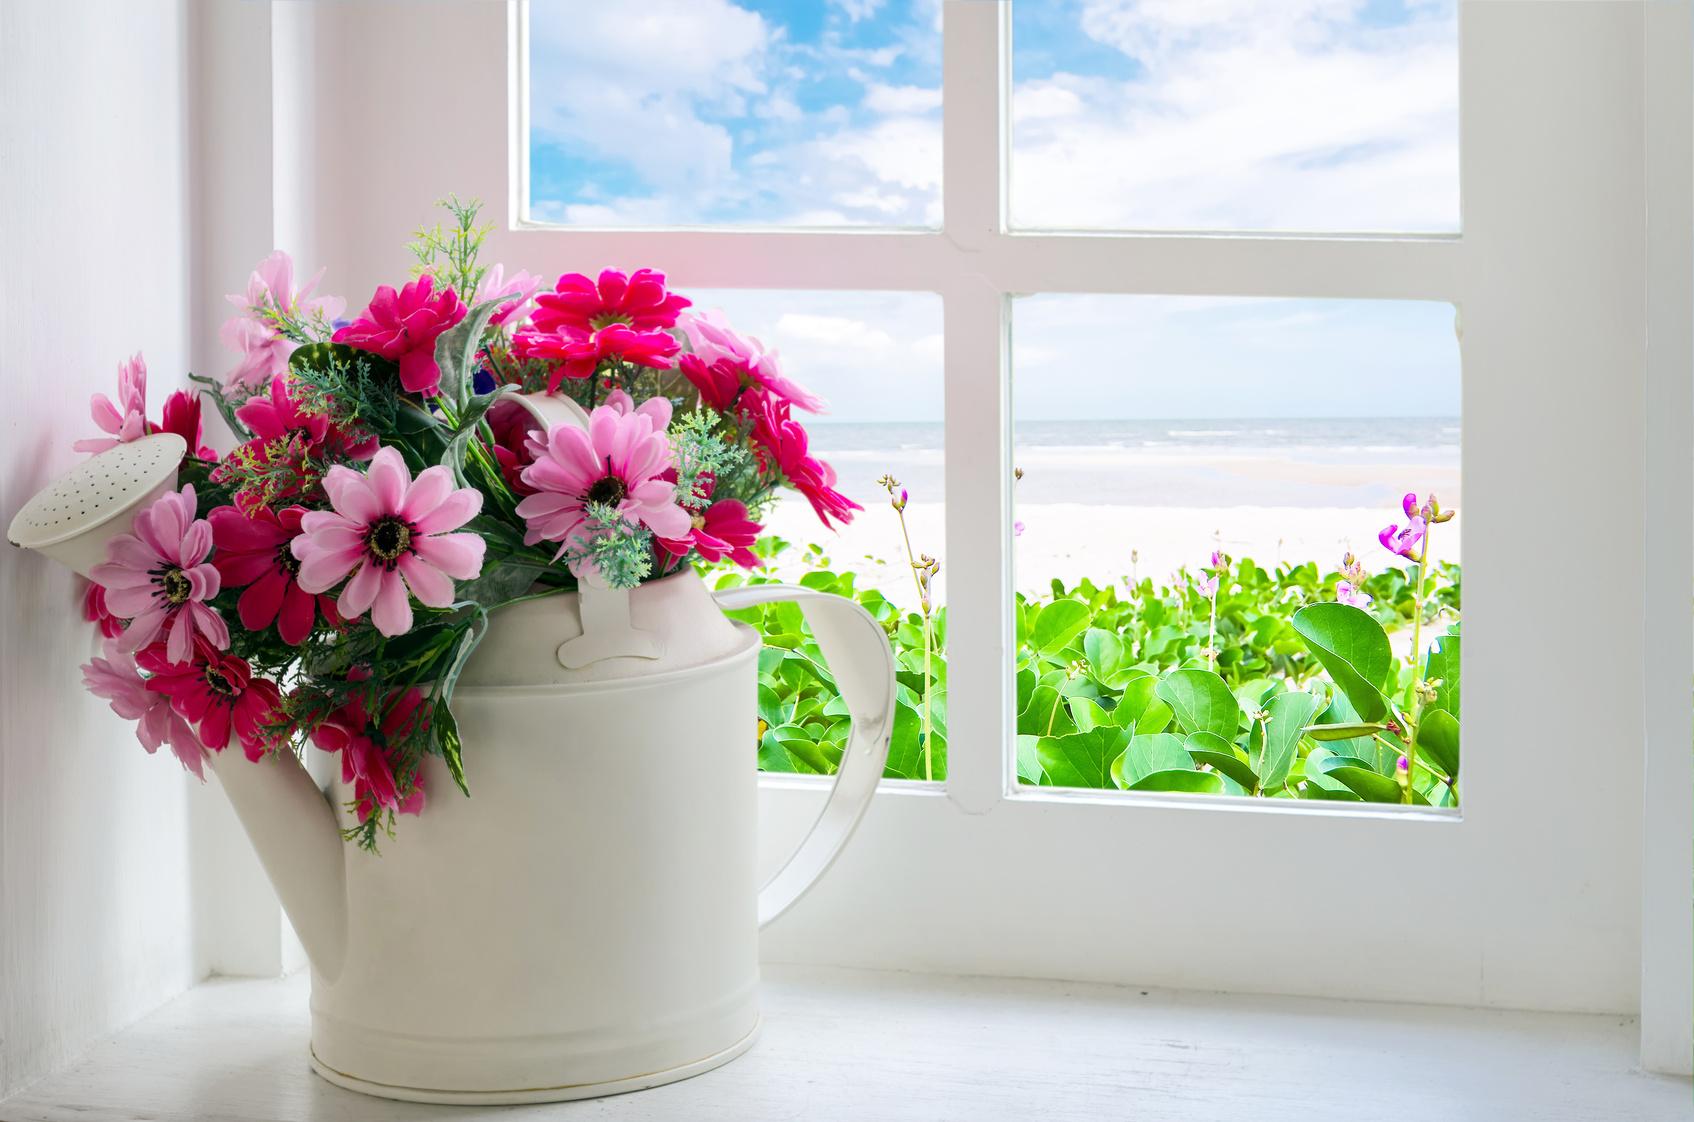 Букет цветов на подоконнике фото